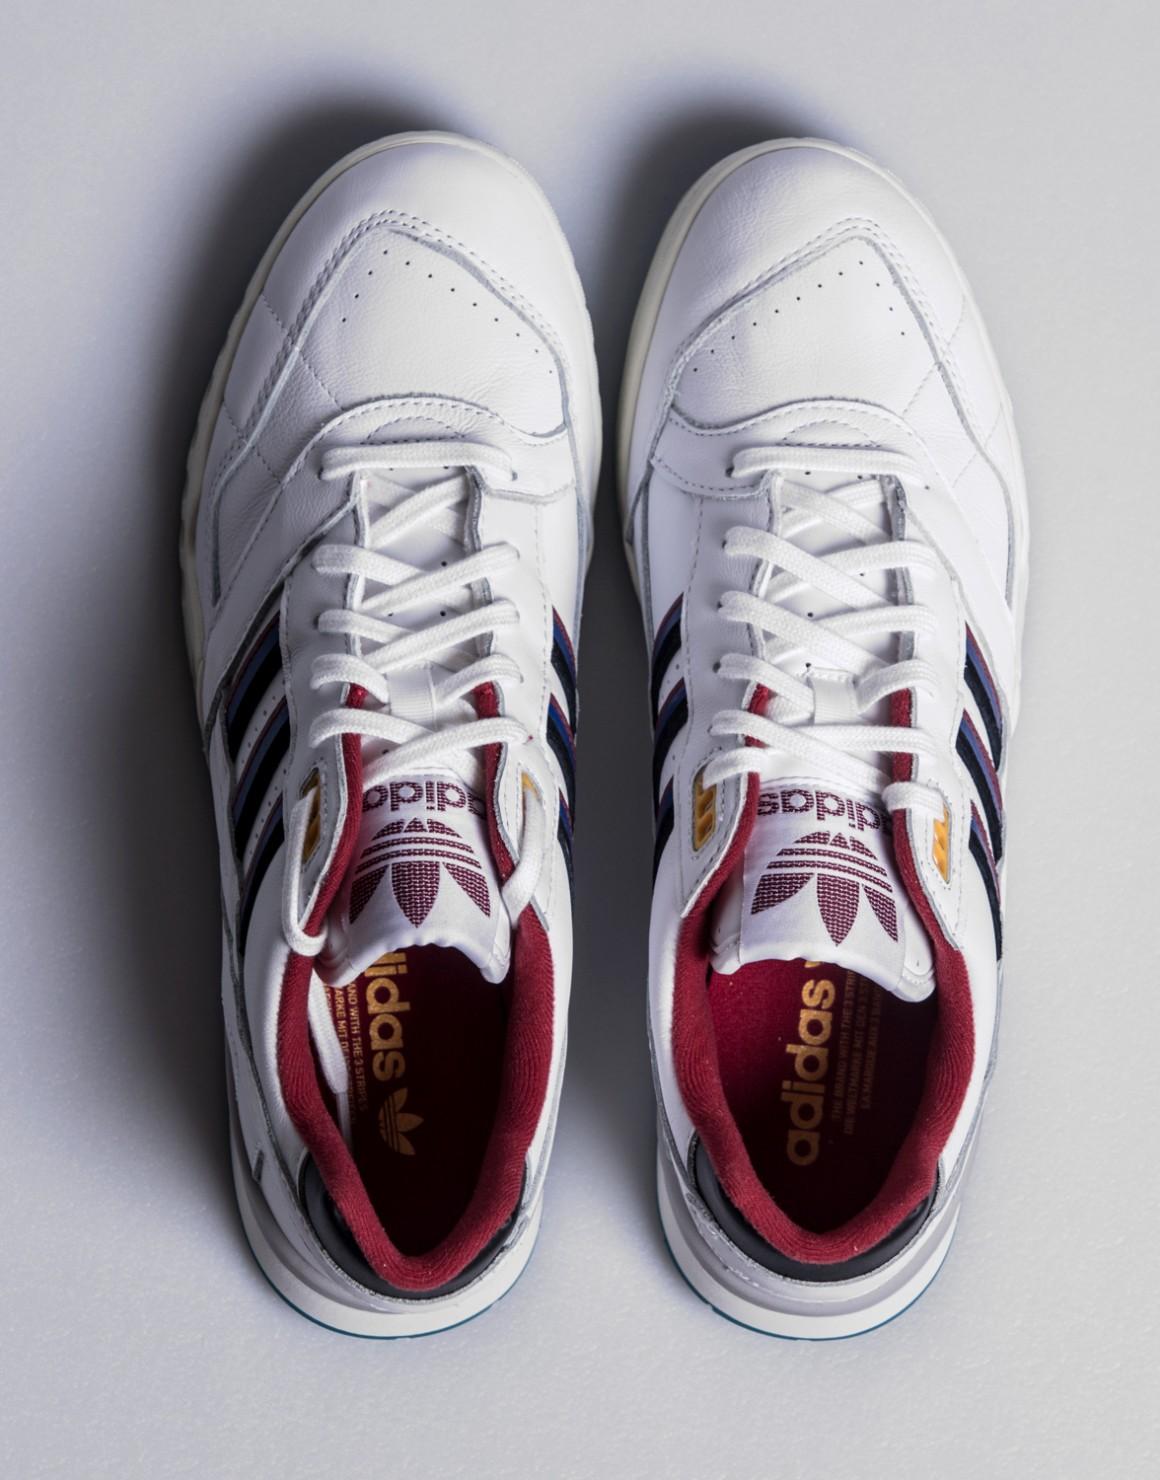 adidas ar trainer burgundy